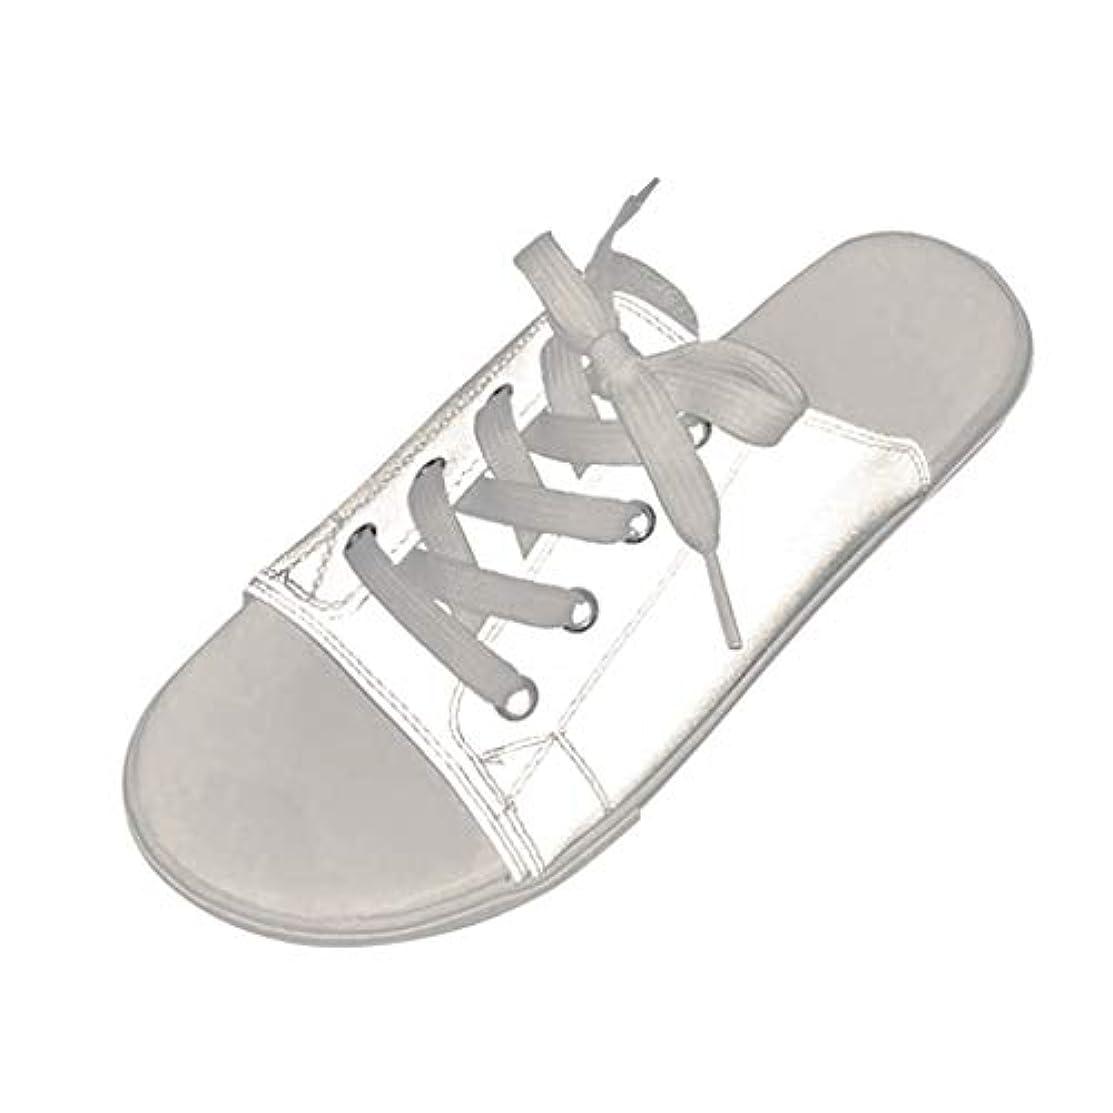 激怒公式スポーツマンカップルは靴を照らす スリッパシューズ サンダル フラットビーチシューズ 魚の口の靴 輝くサンダル フラットスリッパ レースアップビーチサンダル